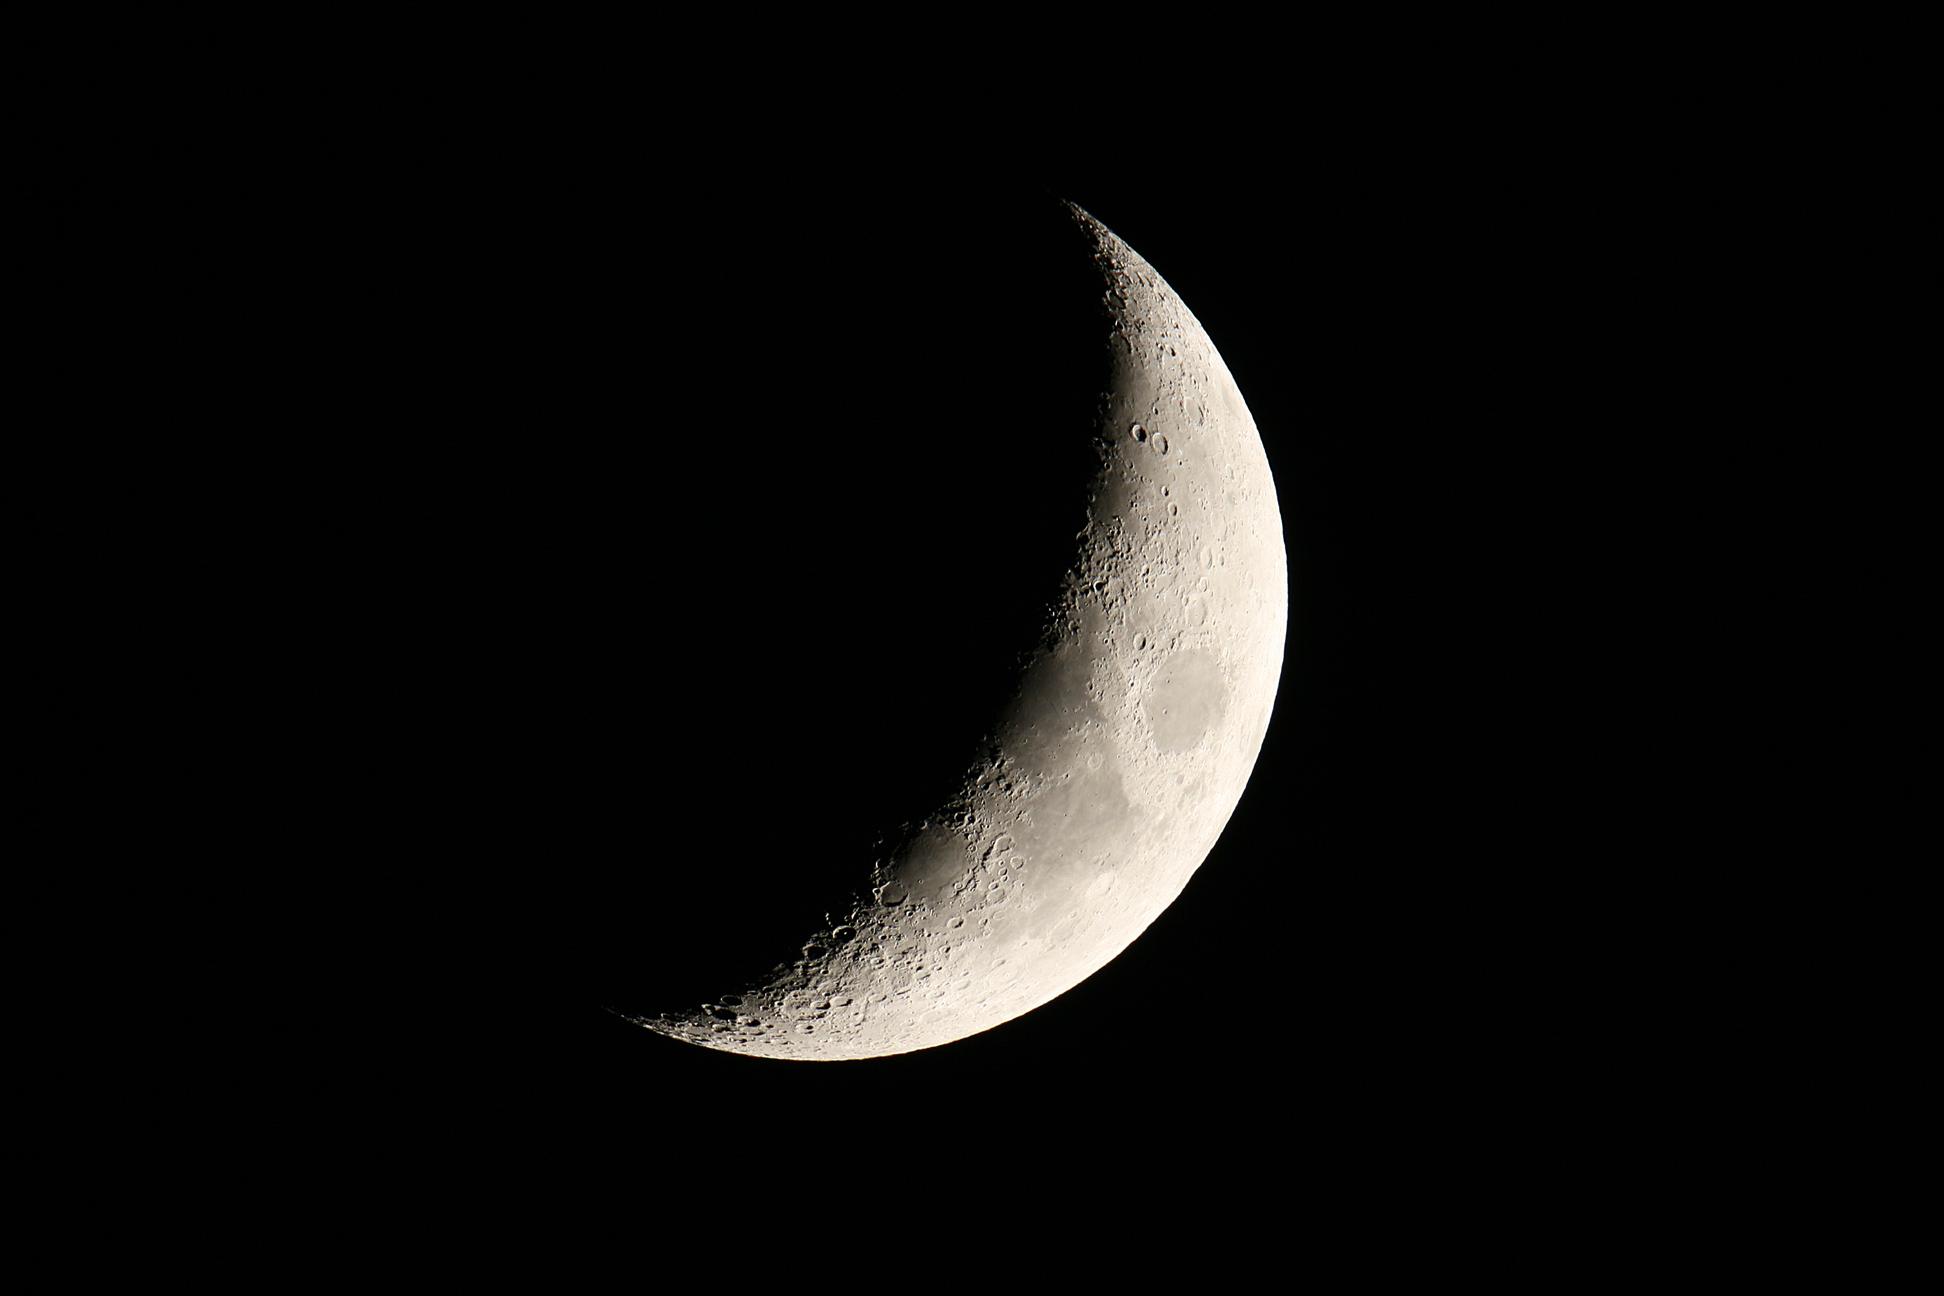 Moon Waxing